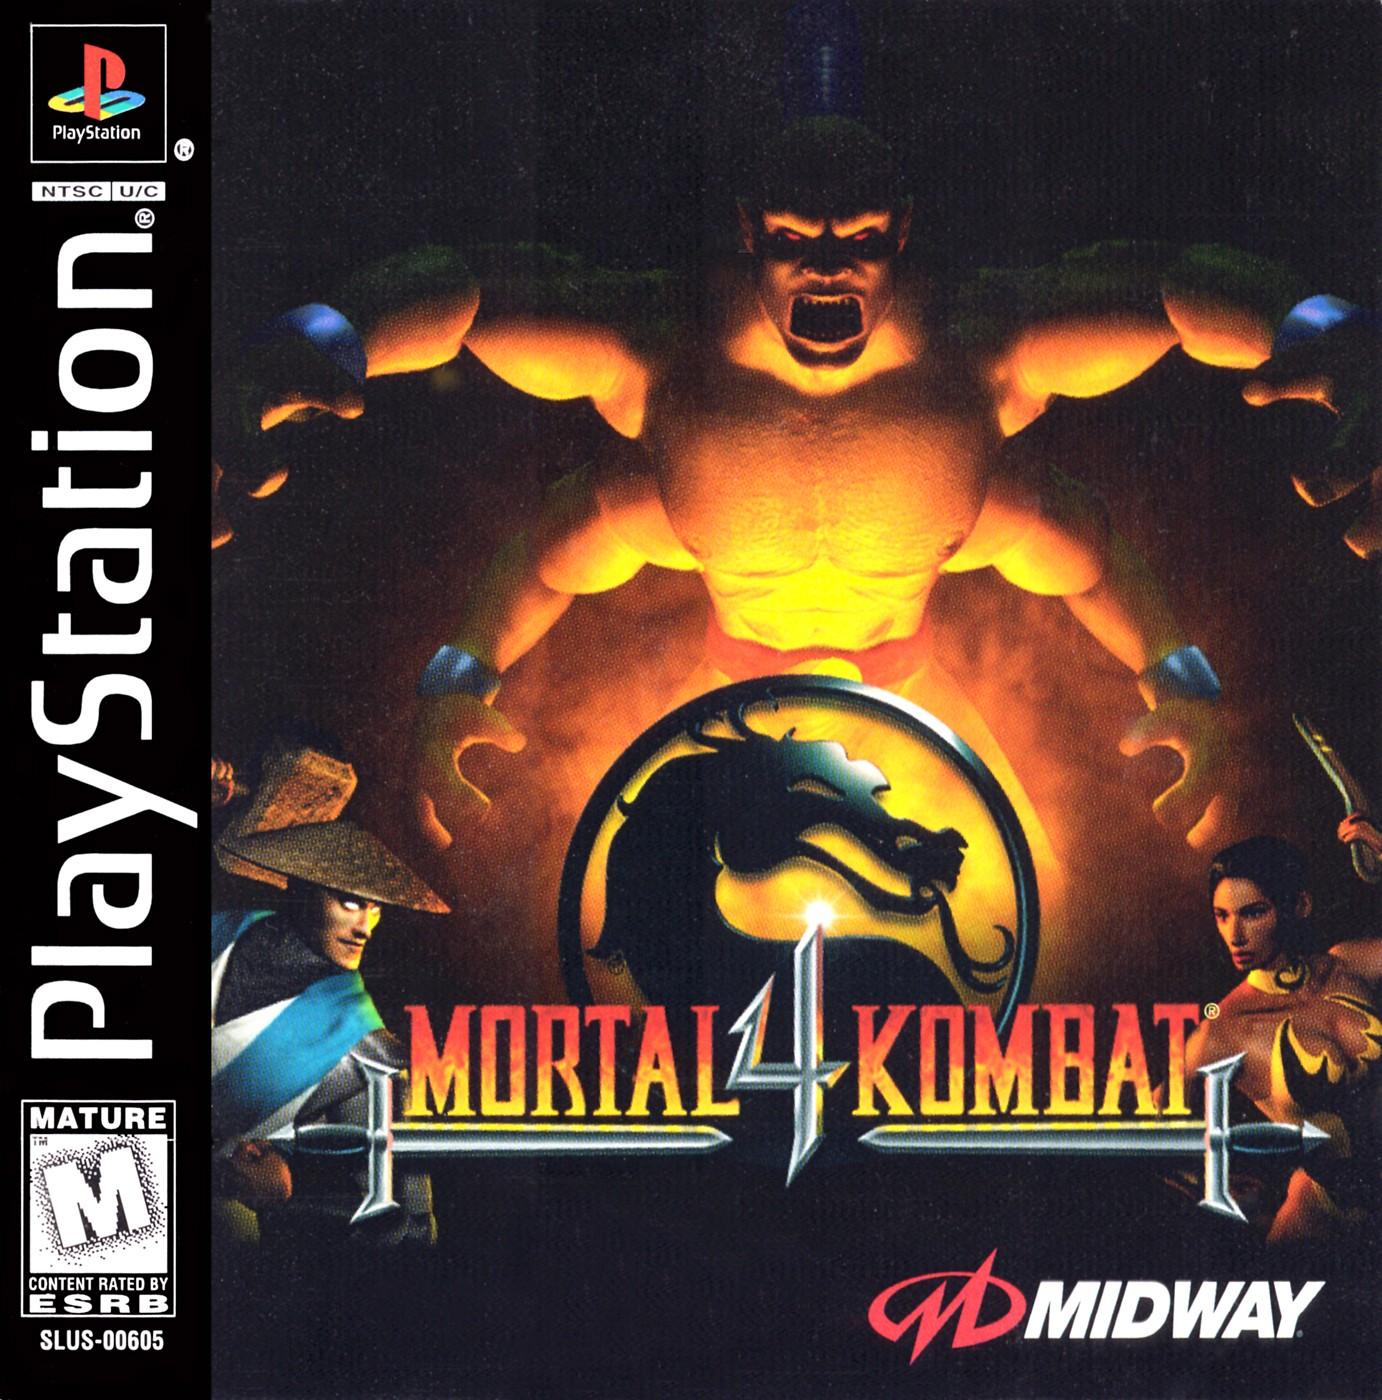 Mortal Kombat 4 [SLUS-00605]